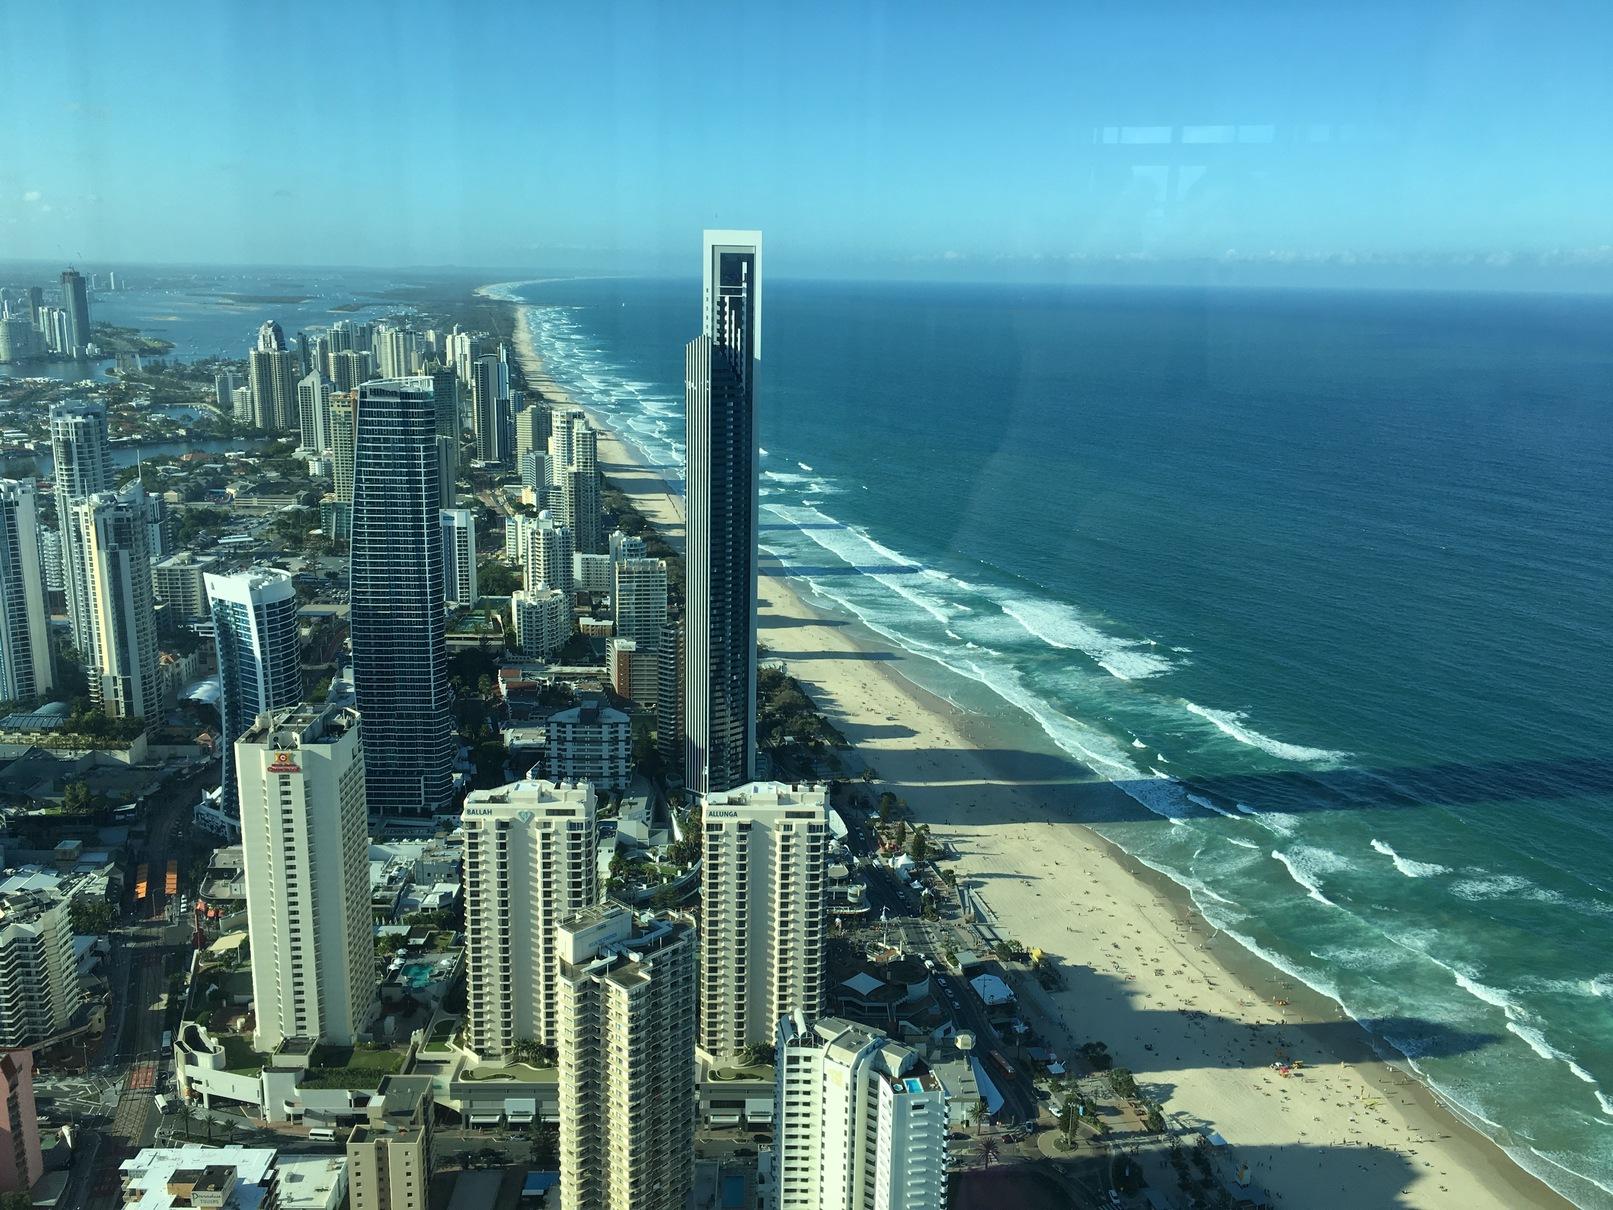 Ausztrál turista vízum Turista vízum Ausztrál nyelvtanfolyam Ausztráliában angol nyelvtanulás kezdőknek turista vízum Ausztráliába